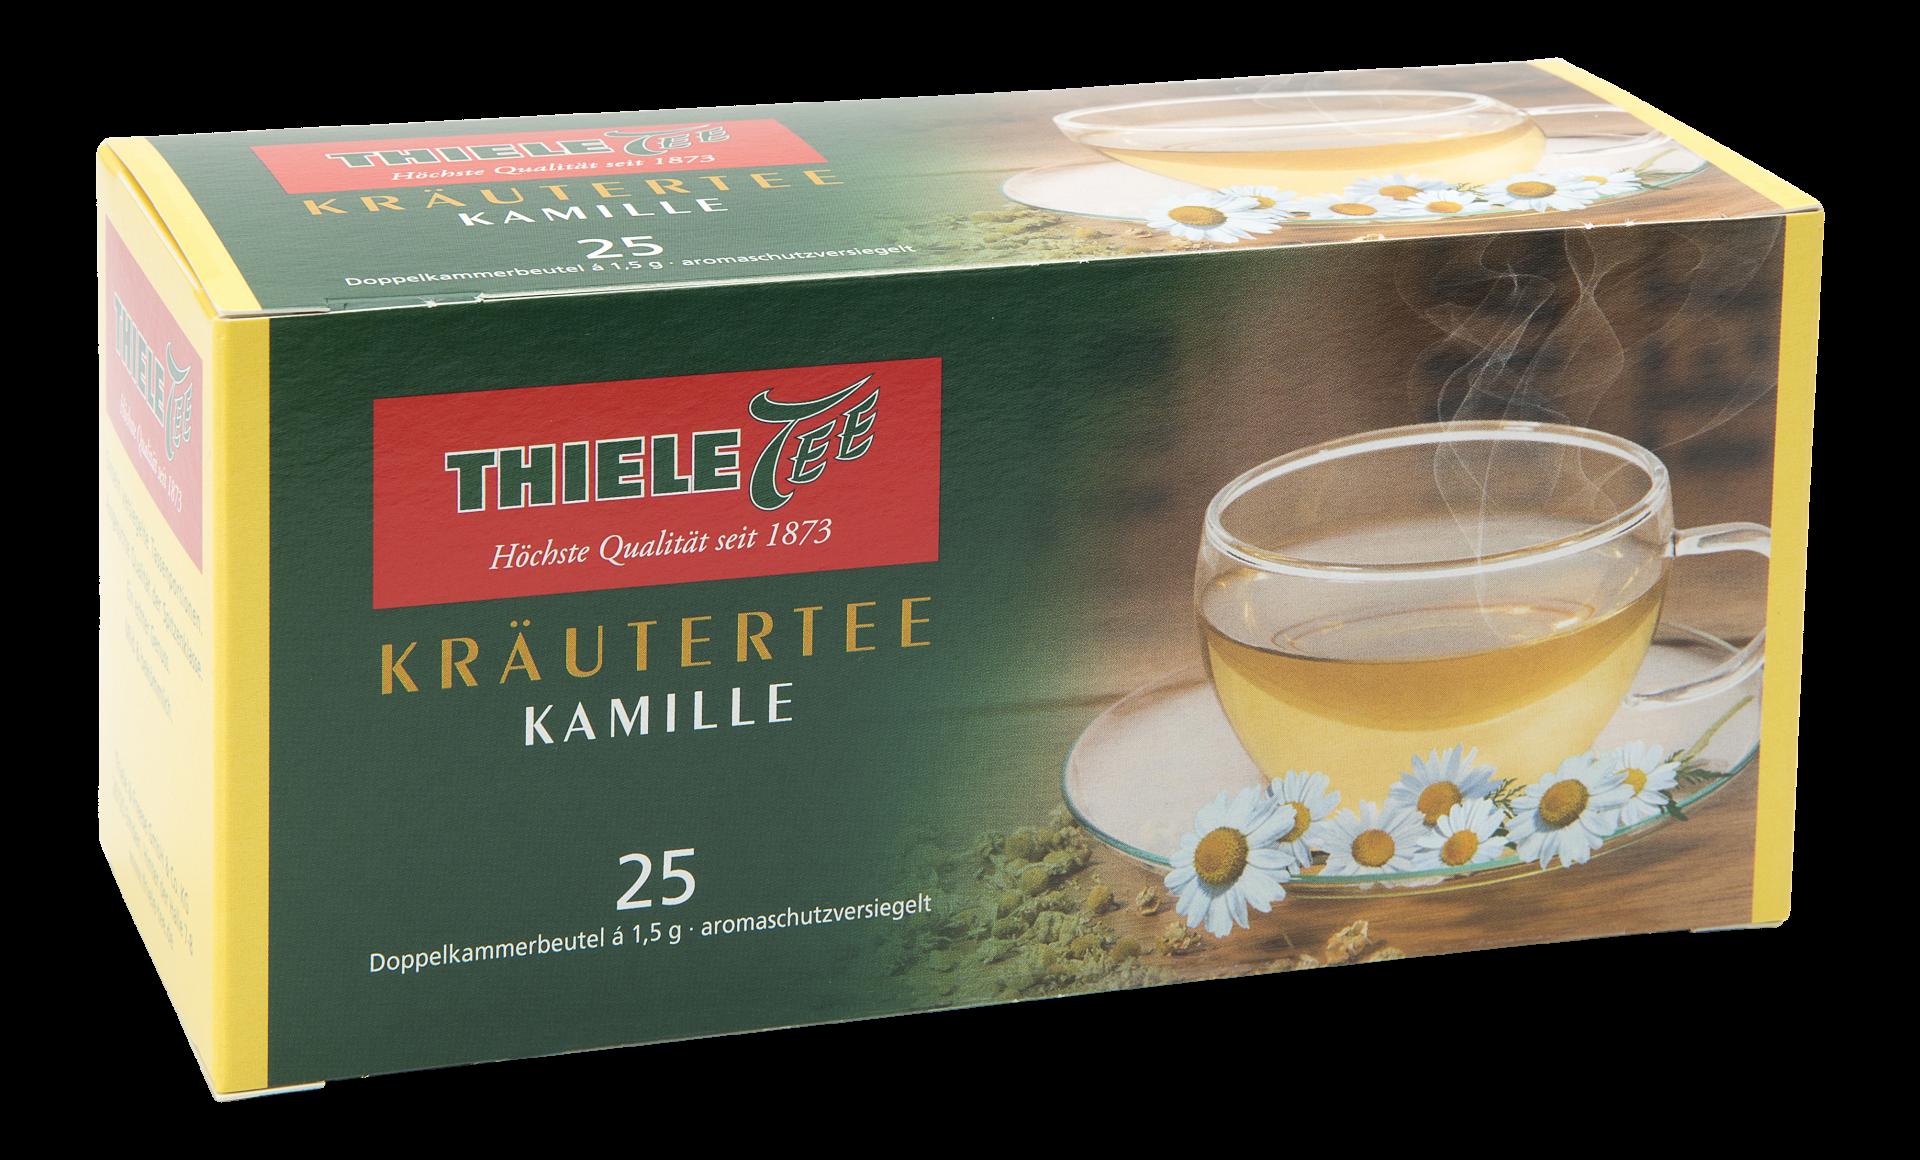 Kräutertee Kamille 25 x 1,5g